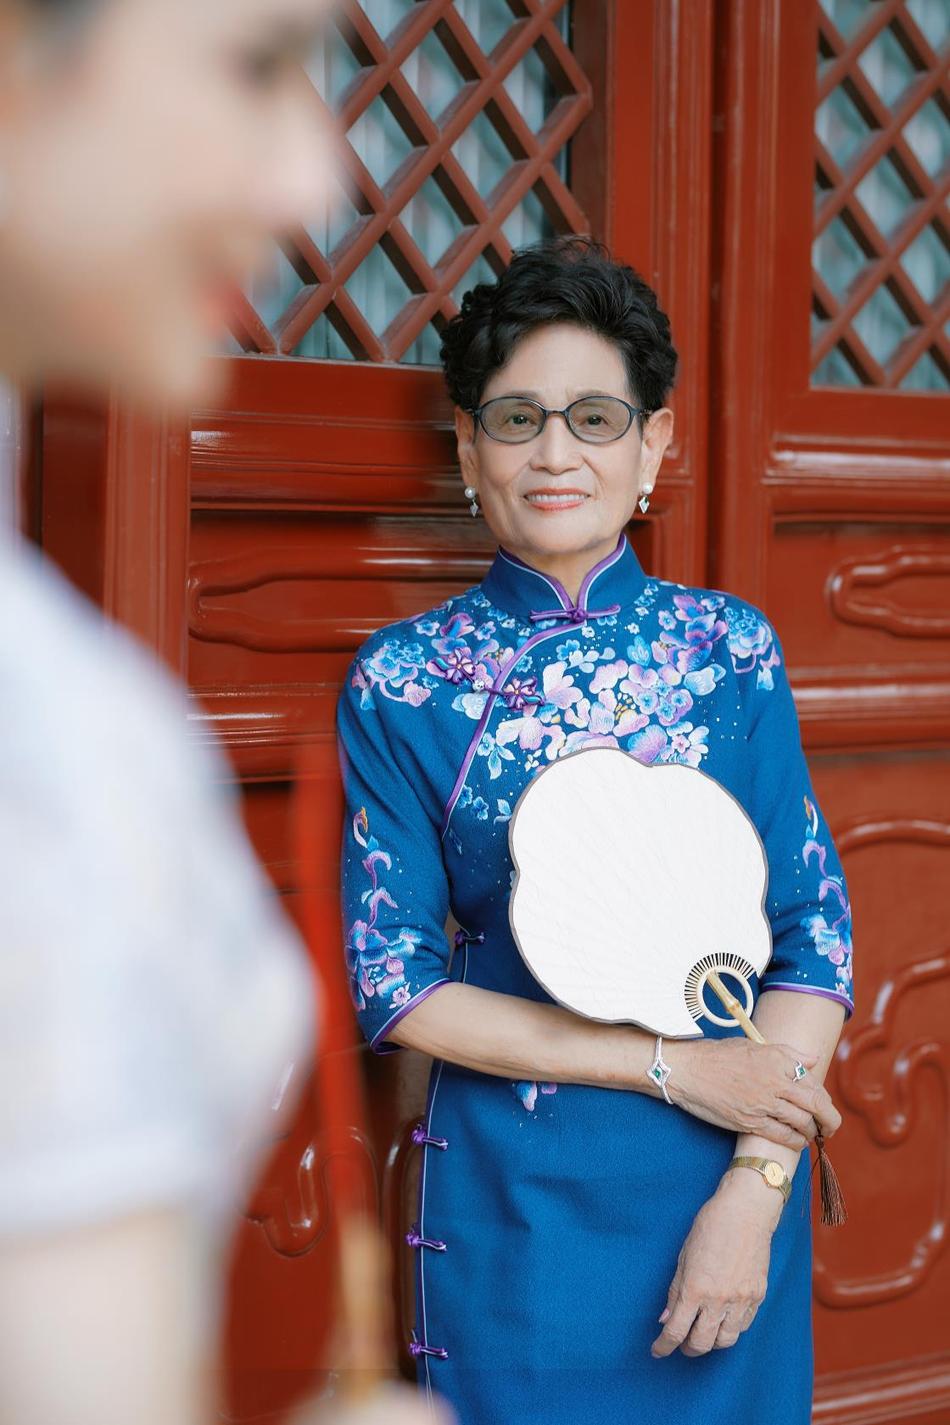 李若彤与妈妈旗袍写真曝光 母女合体状态佳尽显优雅高贵